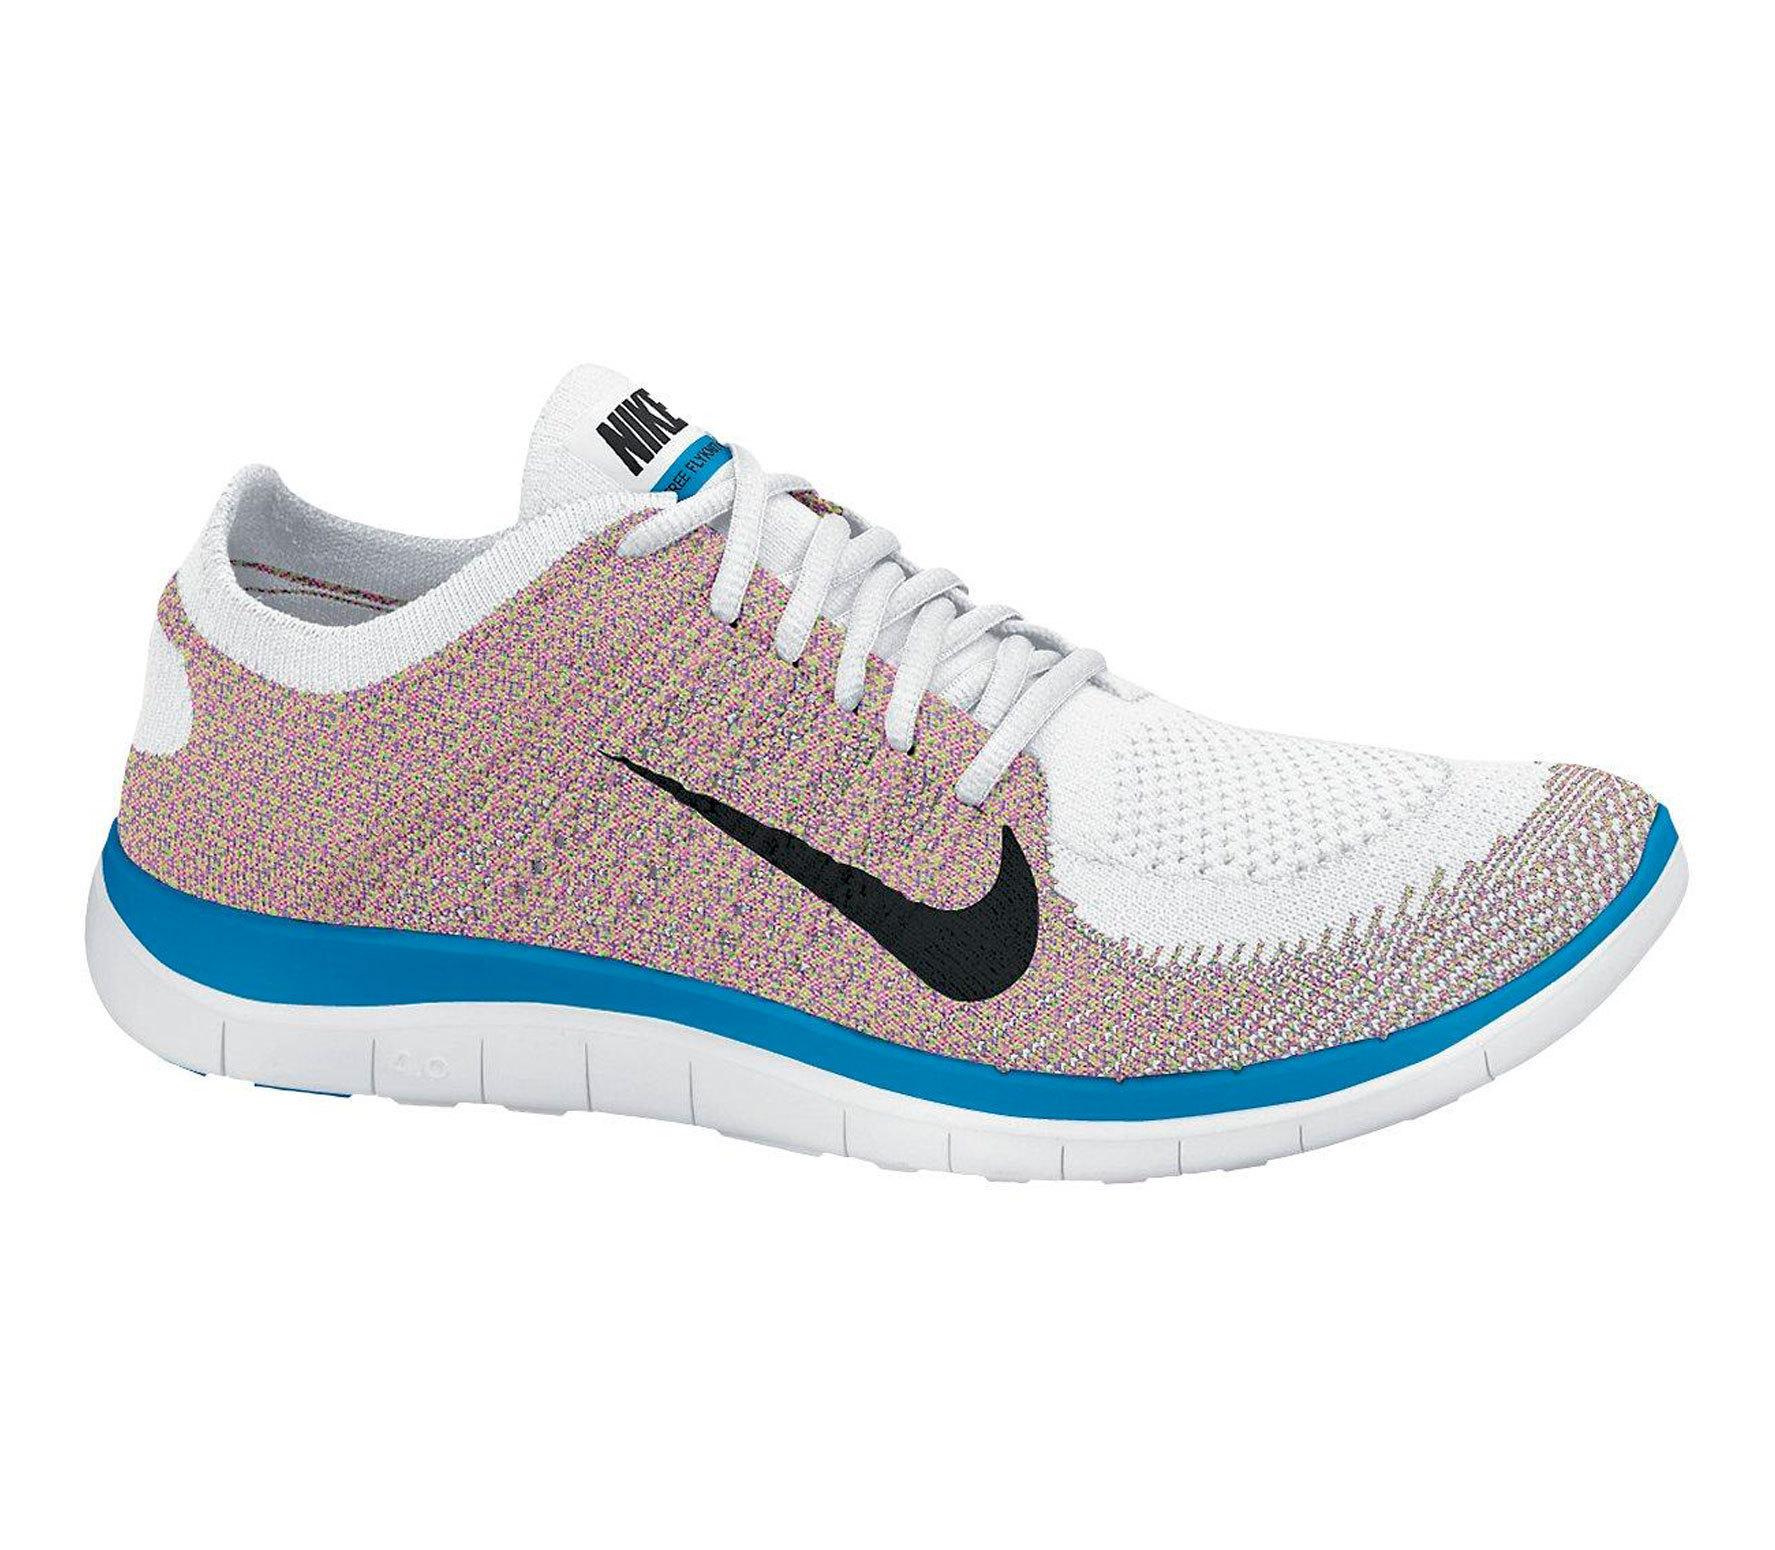 Nike Free Flyknit Damen 4.0